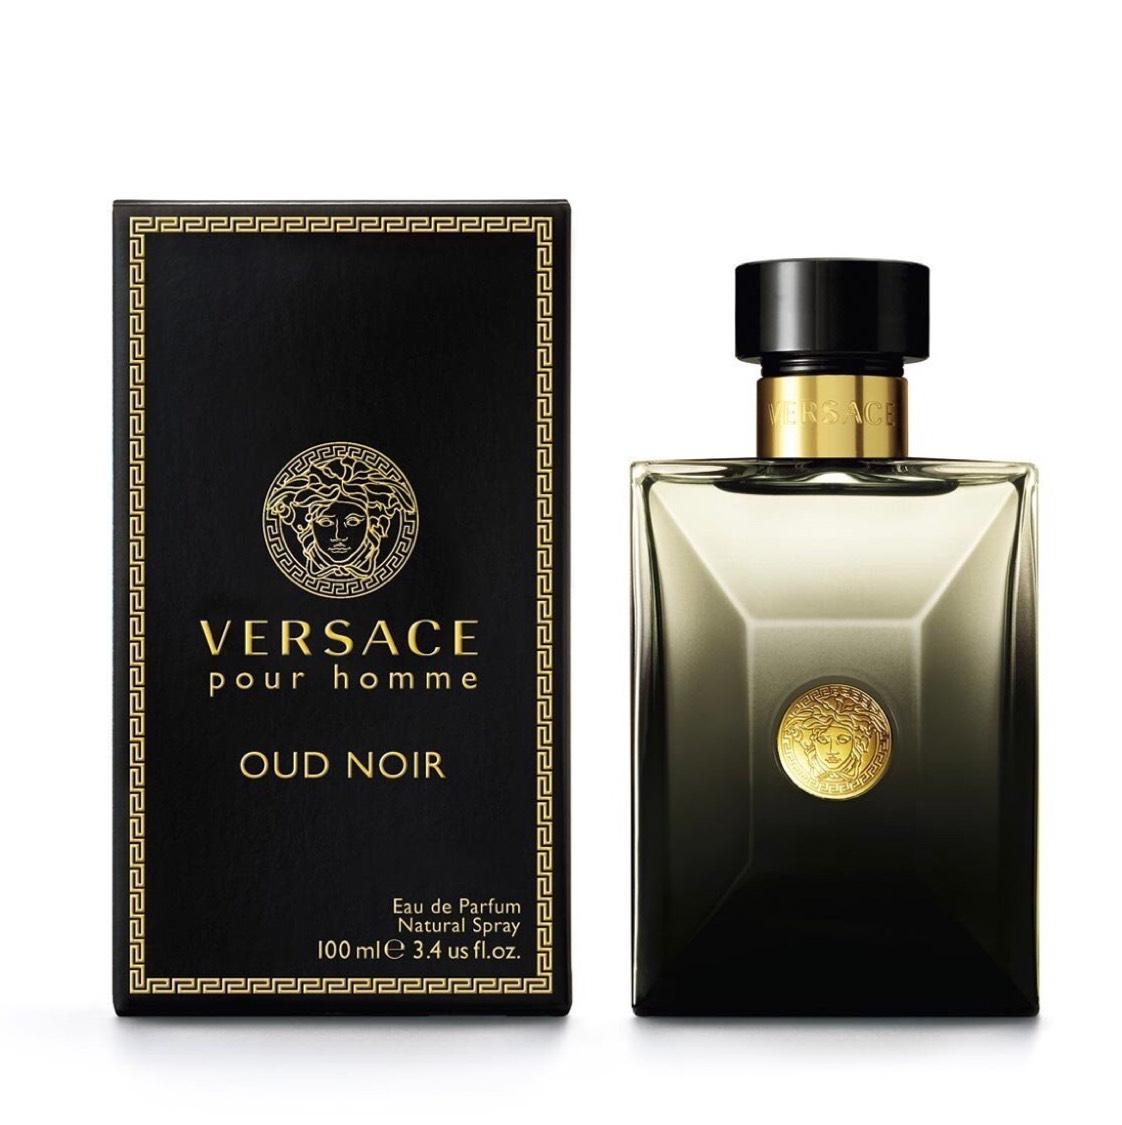 Versace Pour Homme Oud Noir Eau de Parfum, 100ml / free delivery  £53.99 -  buy_a_perfume  / eBay store